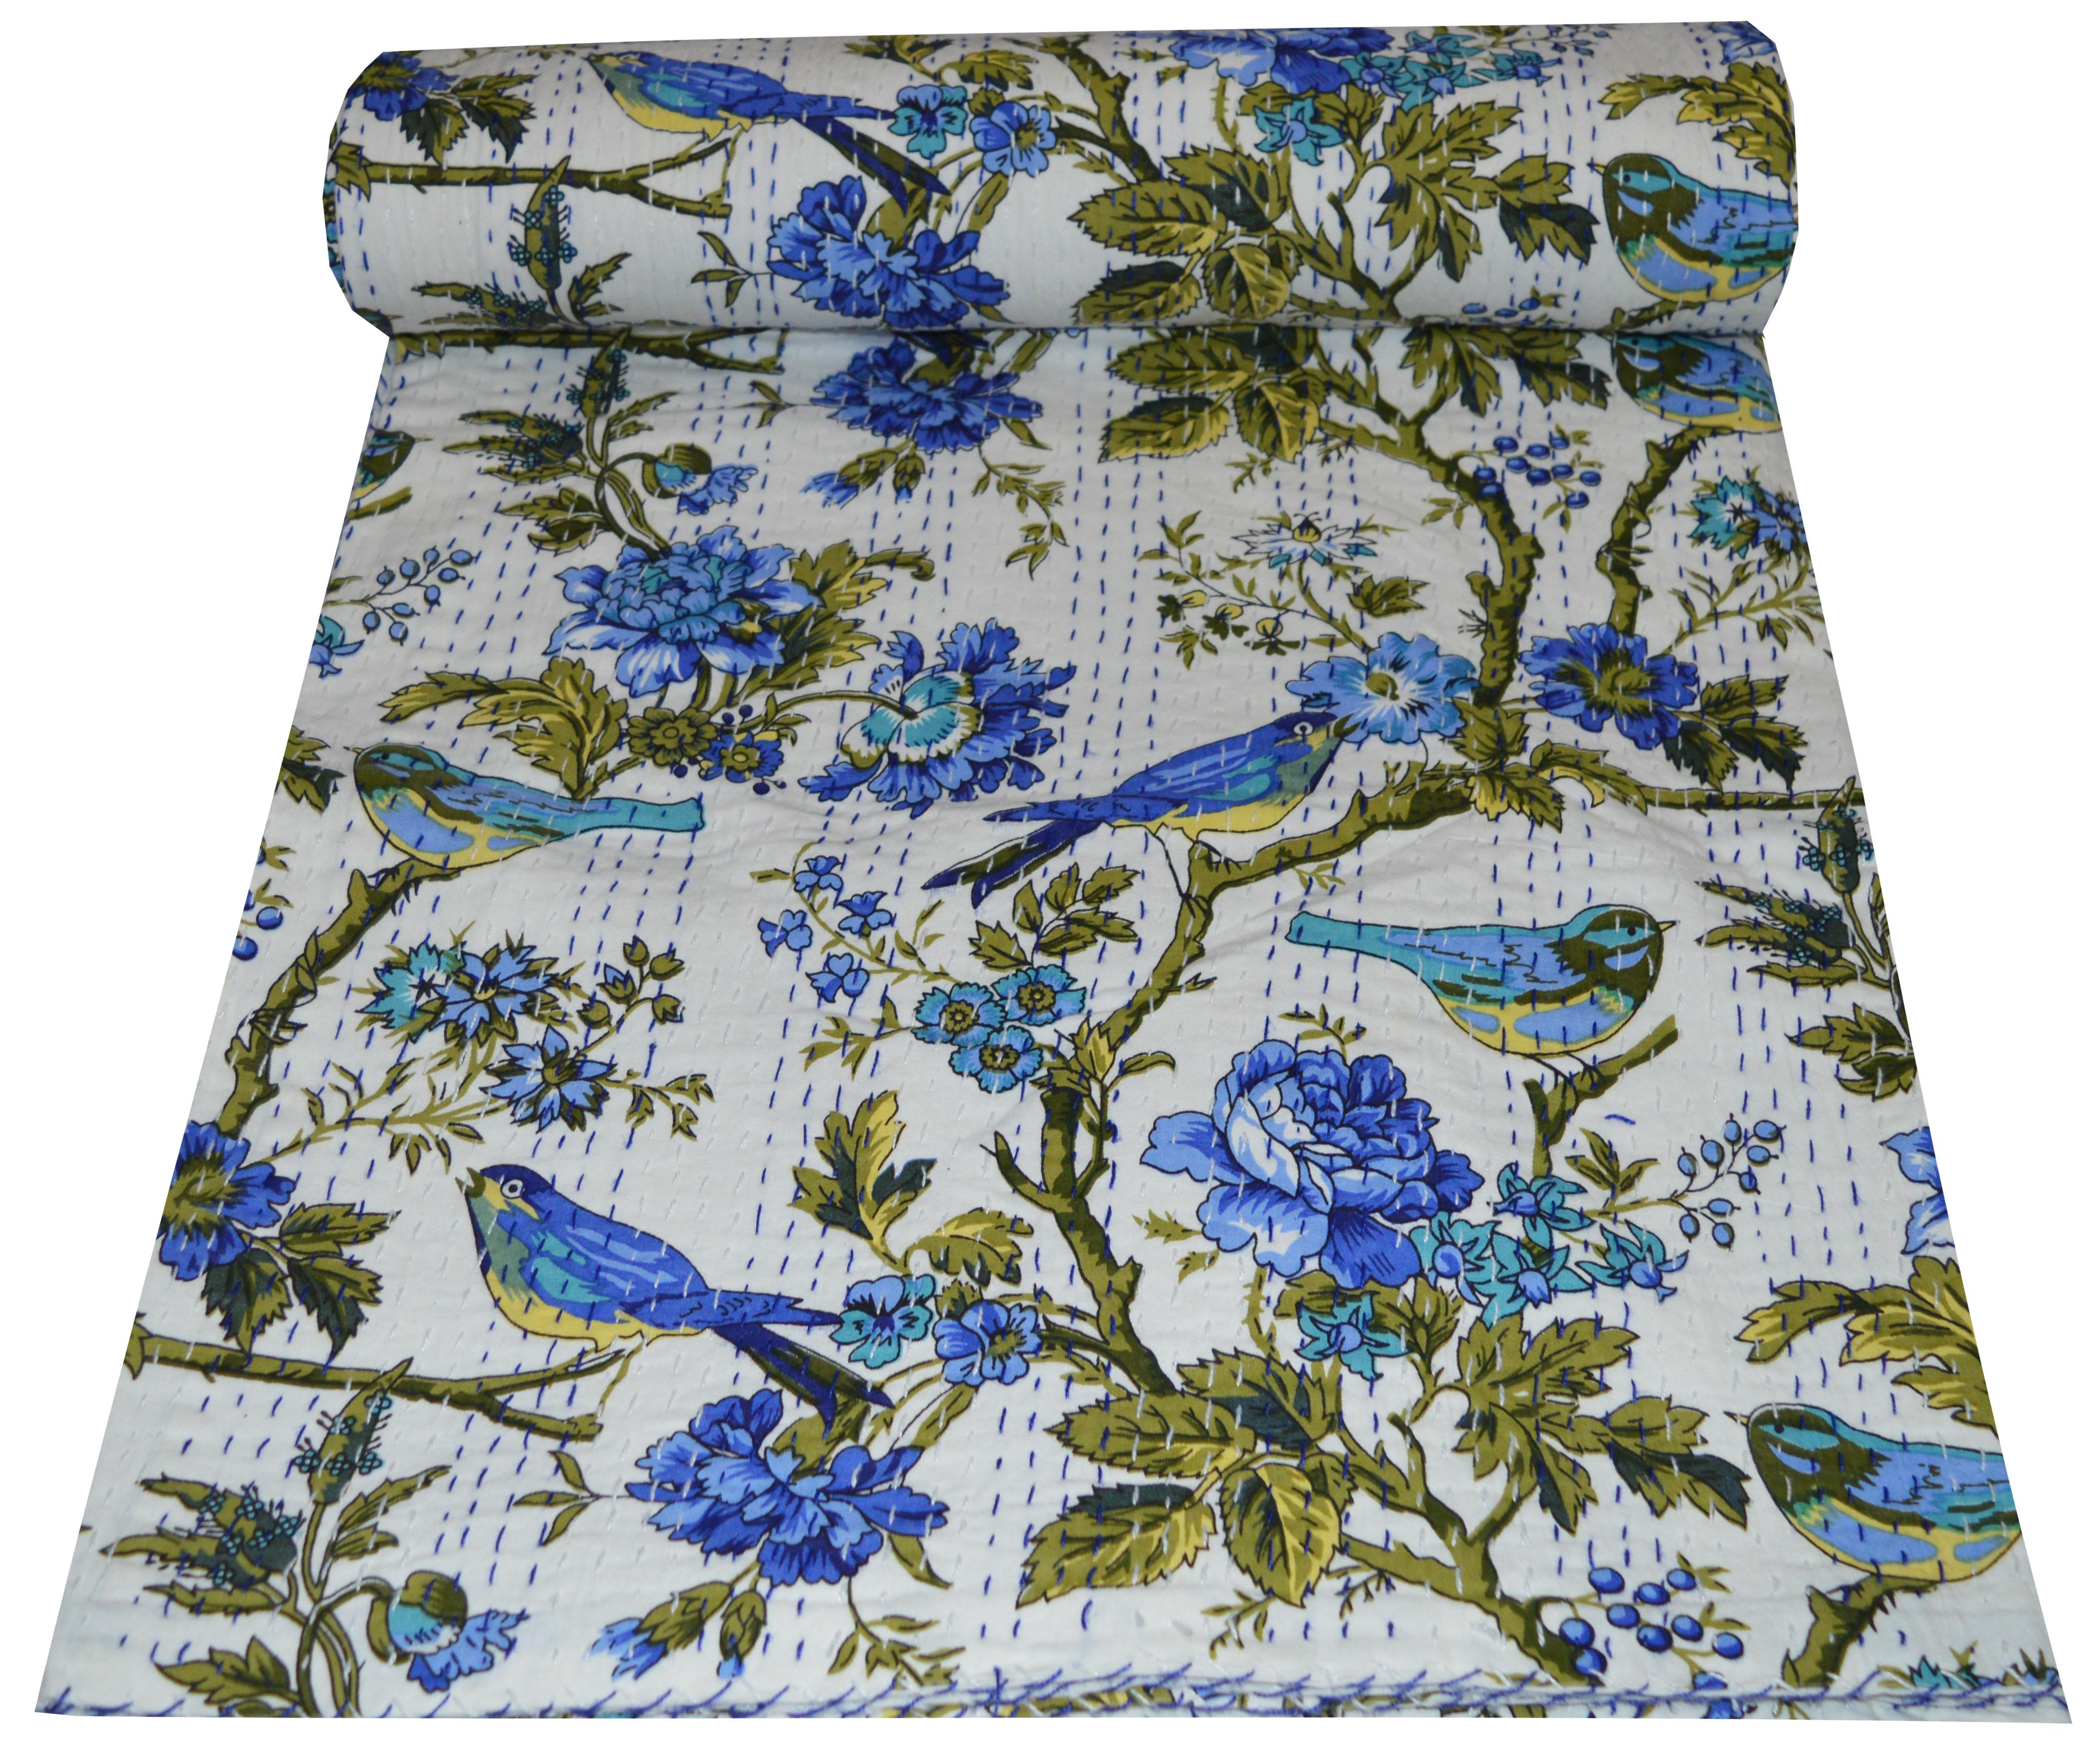 Cotton kantha Quilt blanket handmade Bedding Blanket Bird Print kantha quilt